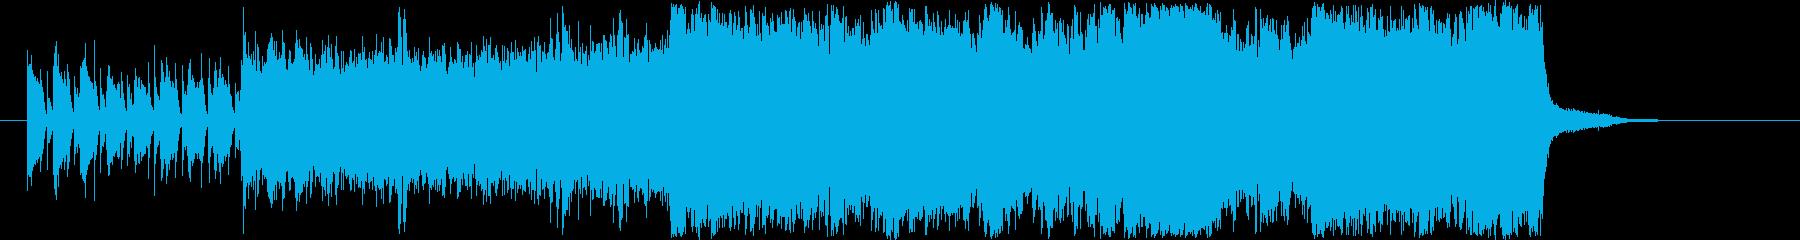 ウッドベースとハイハットによる緊迫感の再生済みの波形